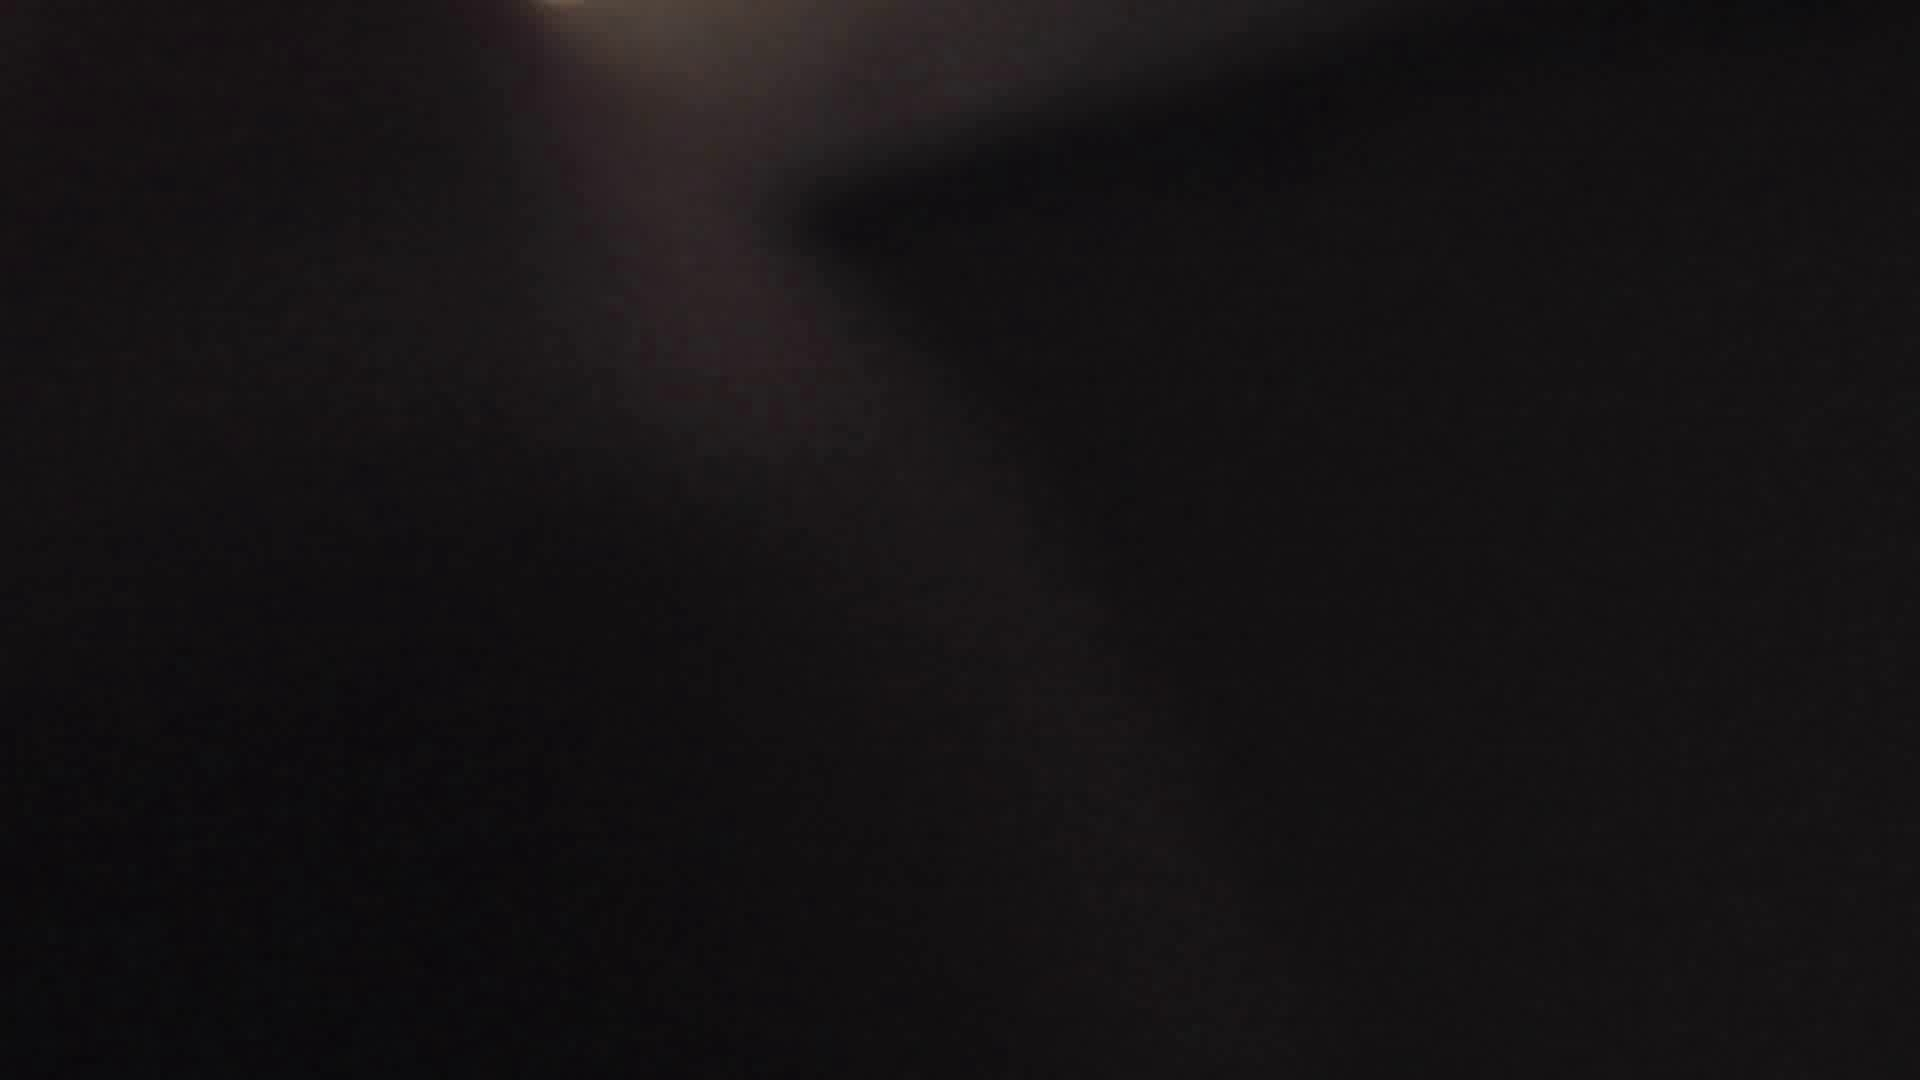 世界の射窓から ステーション編 vol.17厦大女厕偷拍 qianp 洗面所  87PIX 54